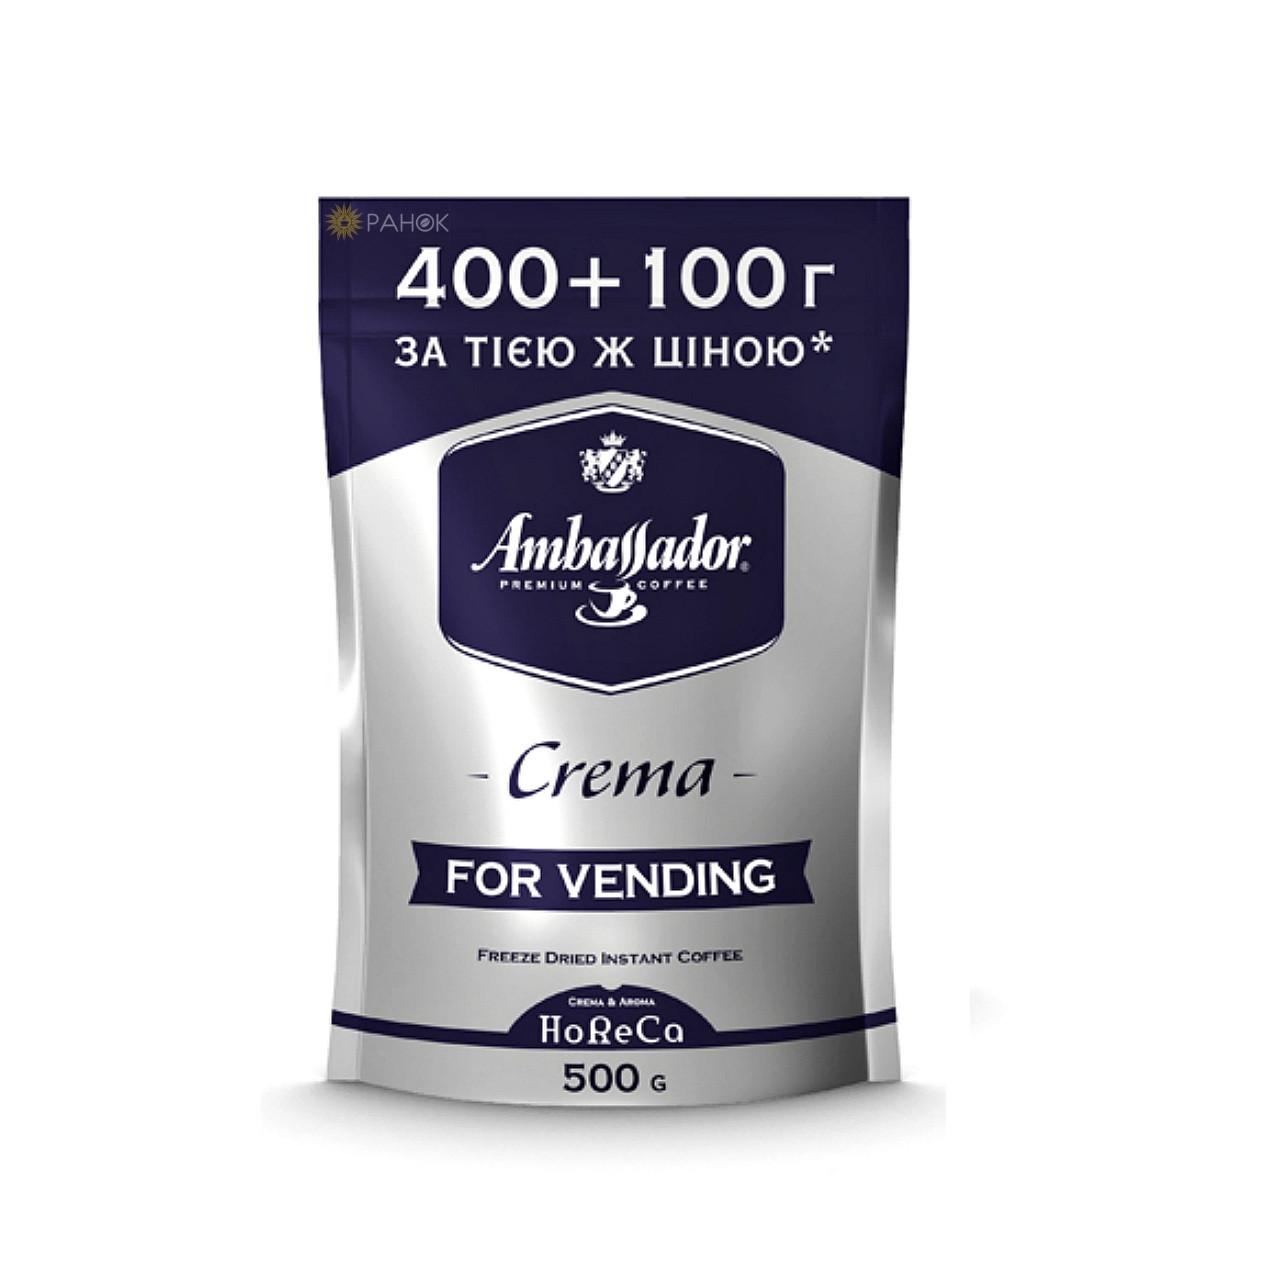 Кофе растворимый Ambassador Crema, 500 г. (Натуральный сублимированный)